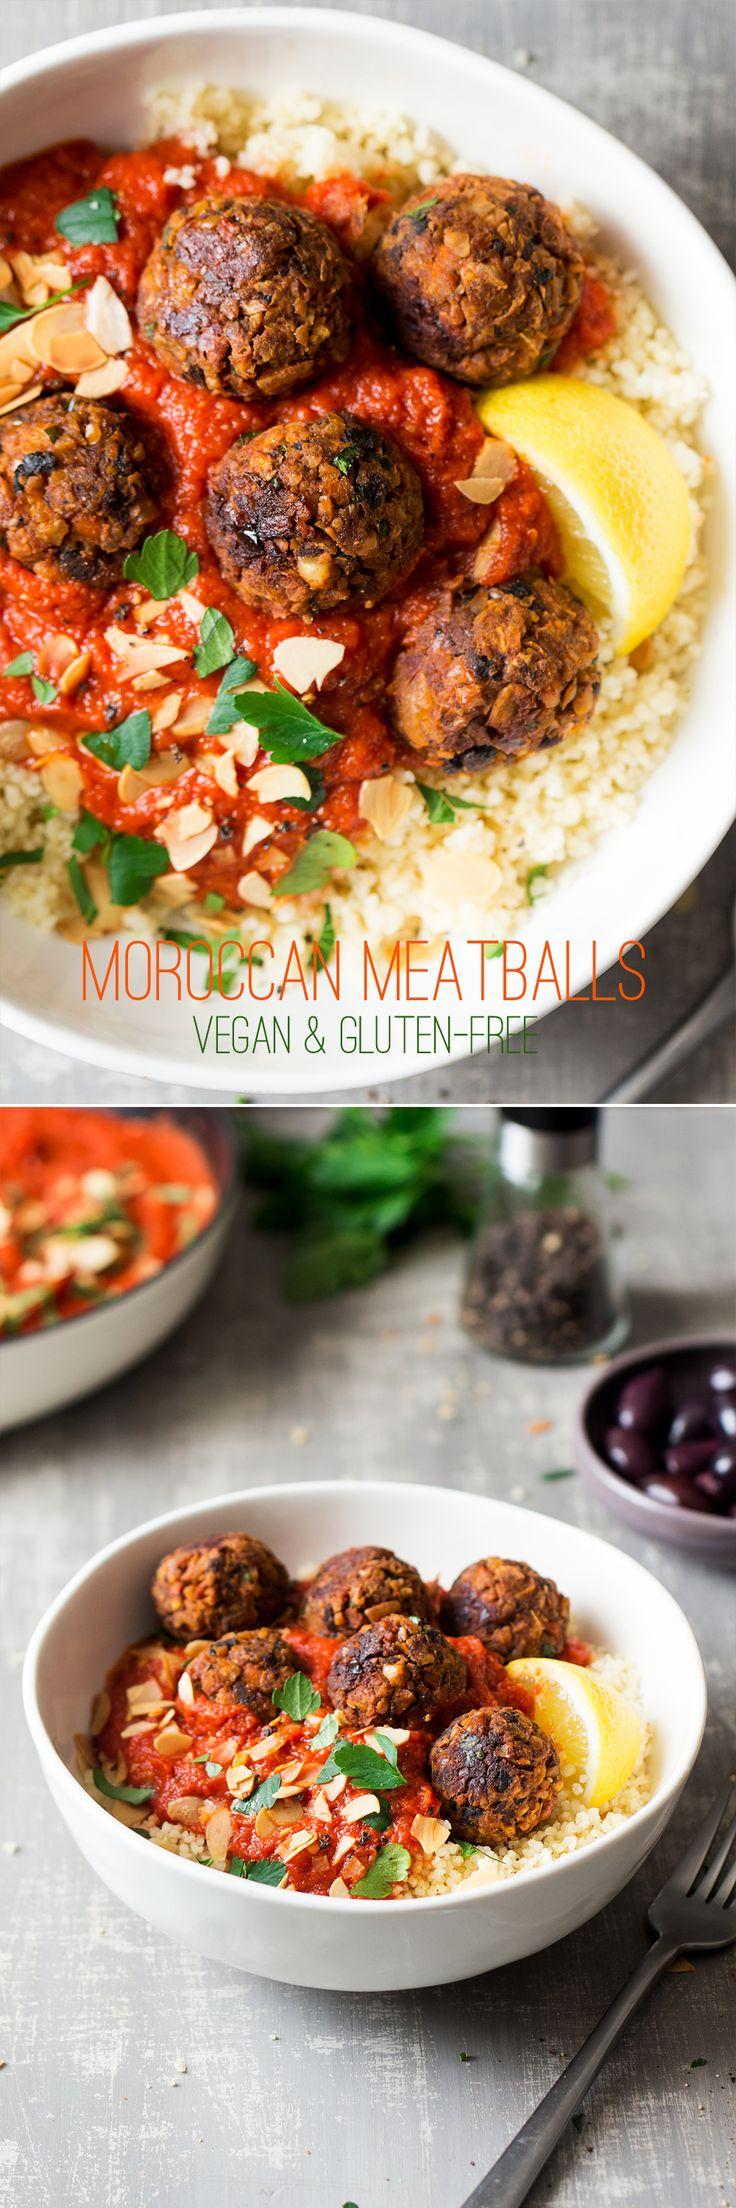 Vegan morocan balls